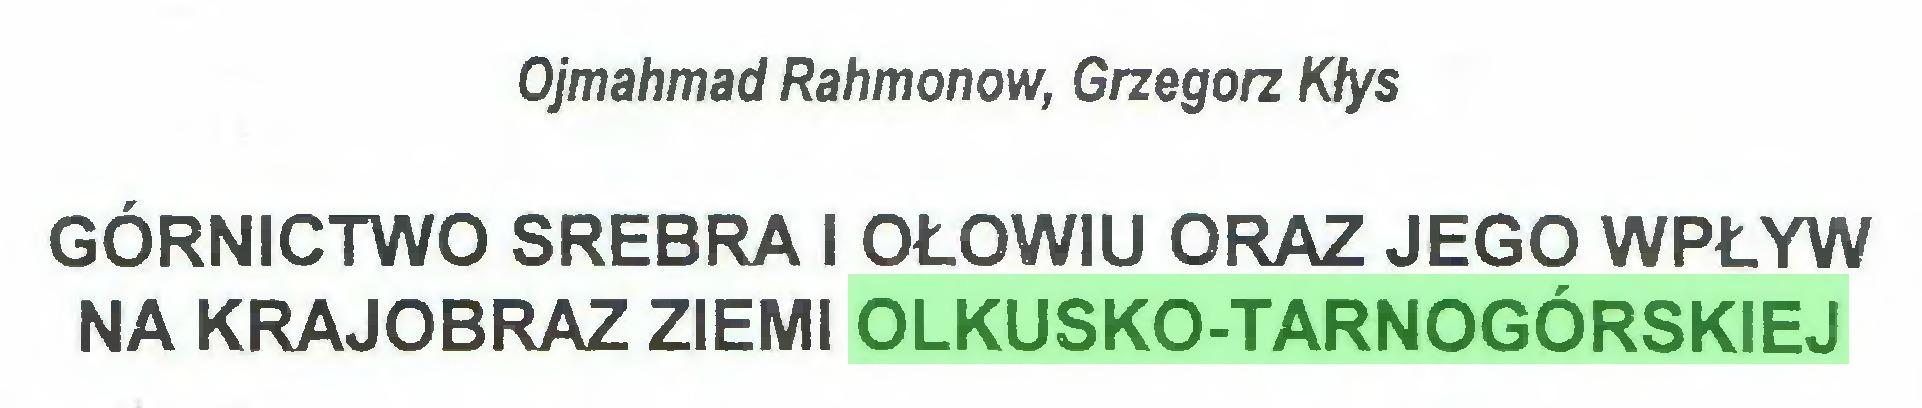 (...) Ojmahmad Rahmonow, Grzegorz Kłys GÓRNICTWO SREBRA I OŁOWIU ORAZ JEGO WPŁYW NA KRAJOBRAZ ZIEMI OLKUSKO-TARNOGÓRSKIEJ...